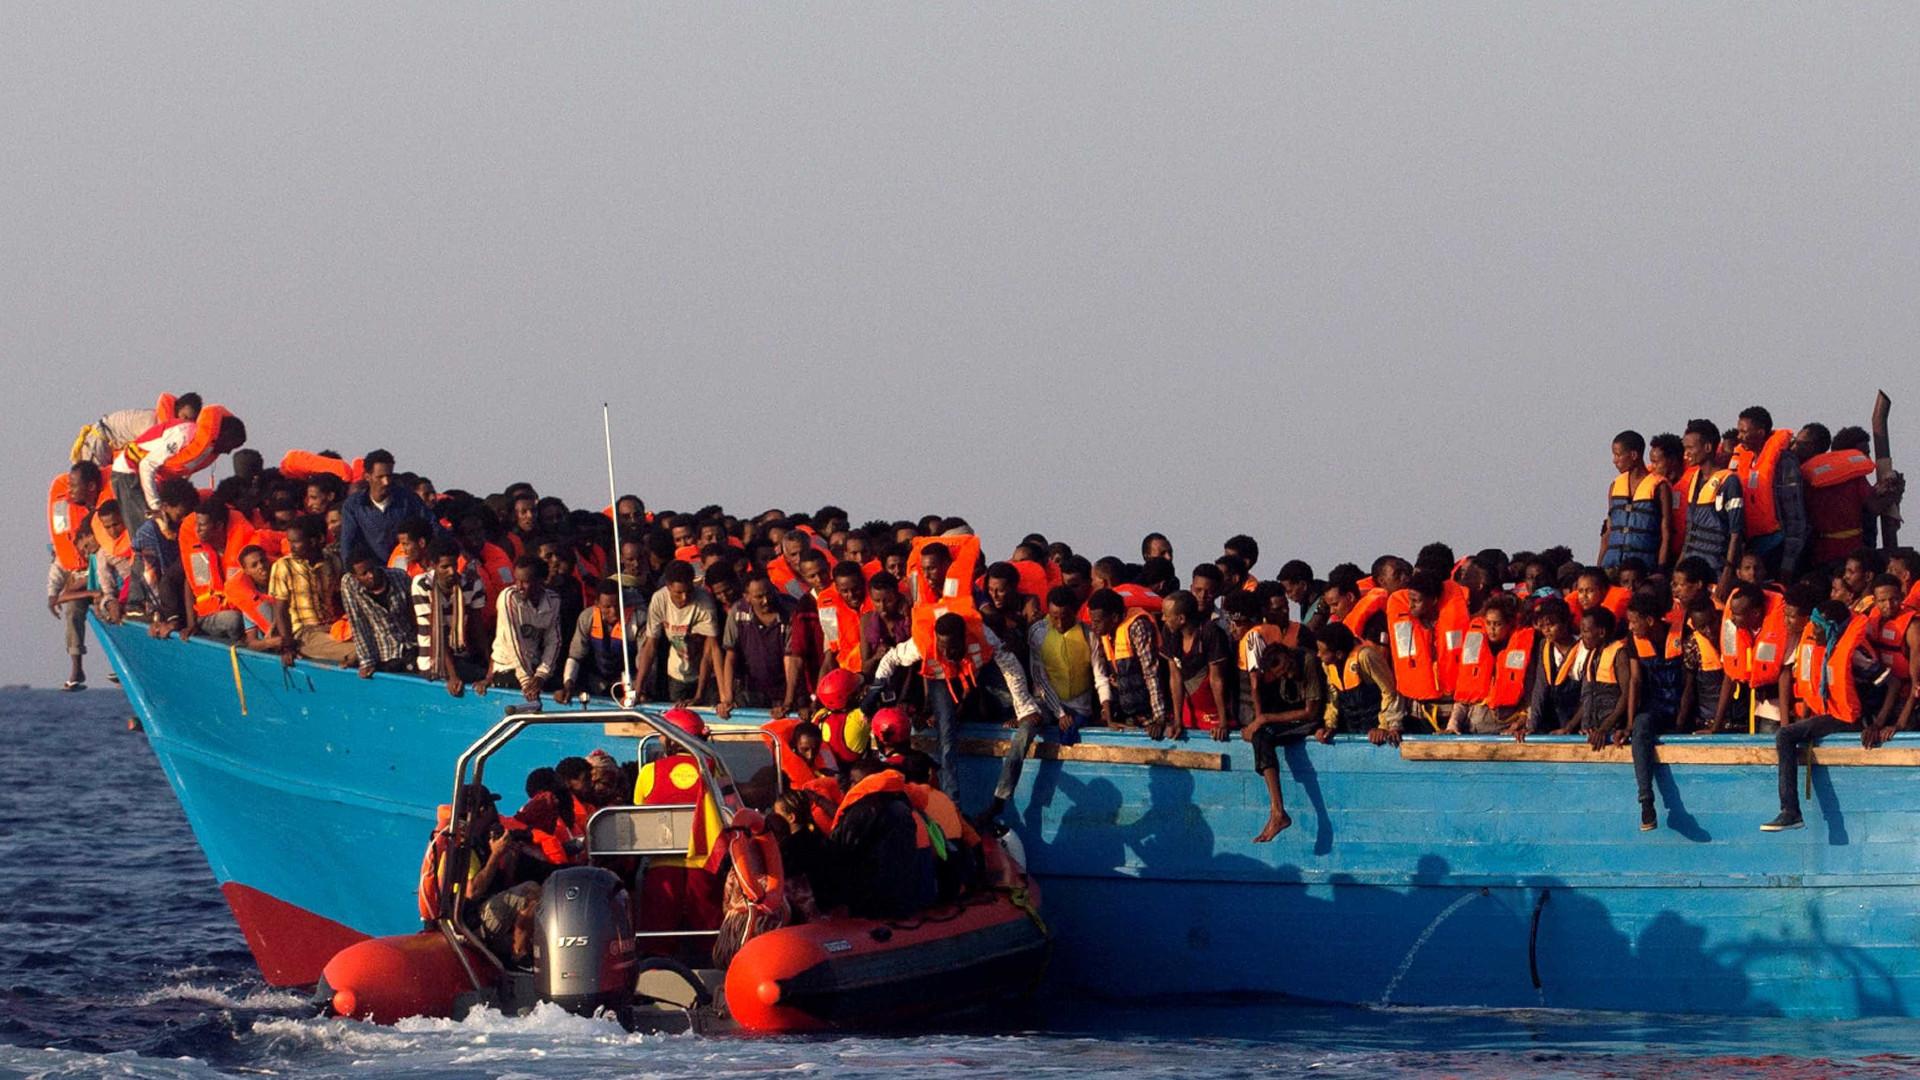 Espanha perto de Itália como maior destino de migrantes do Mediterrâneo